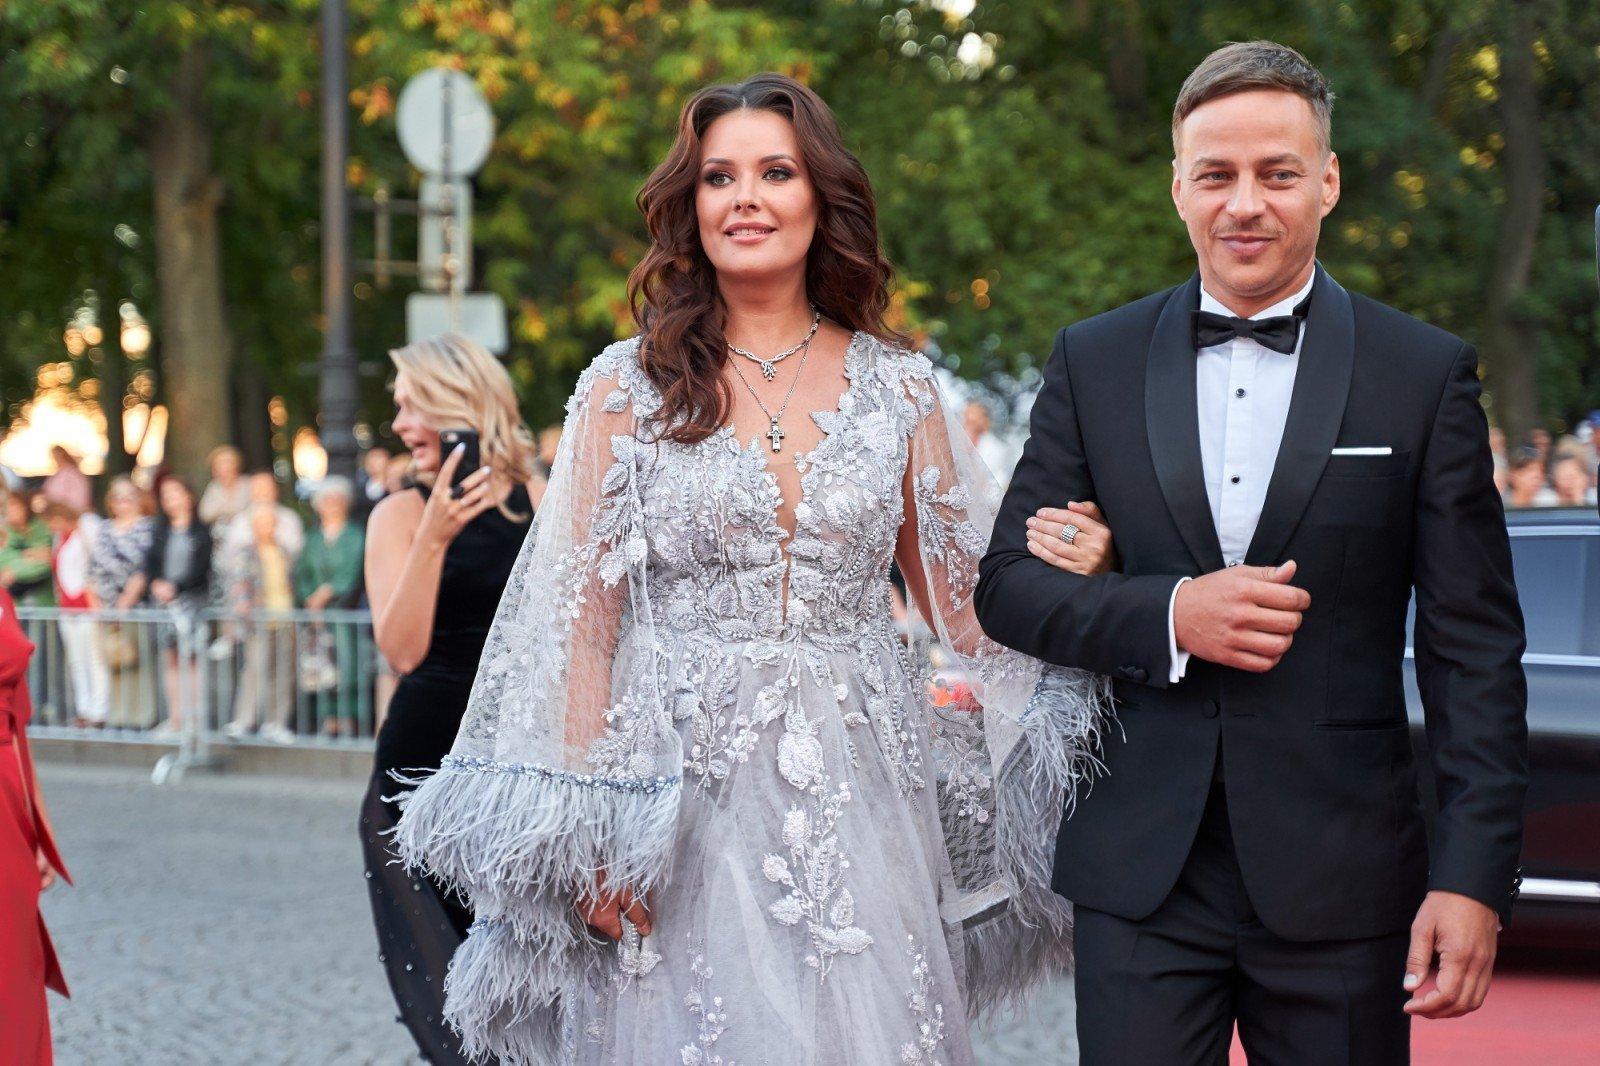 Оксана Федорова в роскошном платье с пышной бахромой стала ведущей первого Дрезденского оперного бала